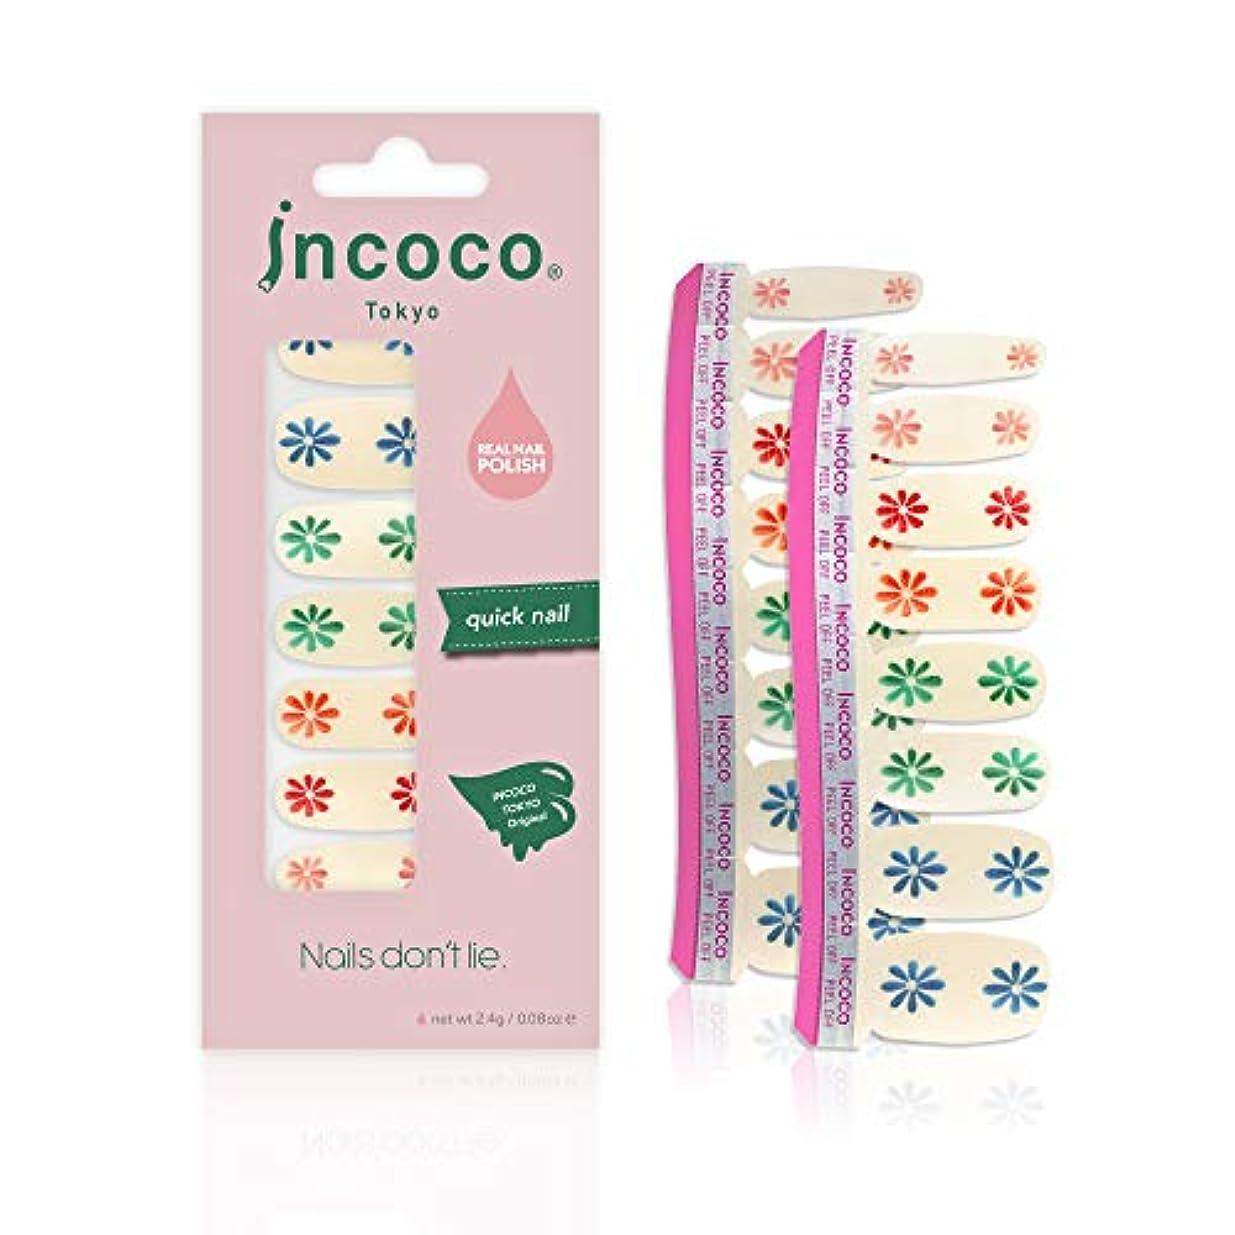 不十分なチップ幹インココ トーキョー 「ブルーミング フラワー」 (Blooming Flowers)